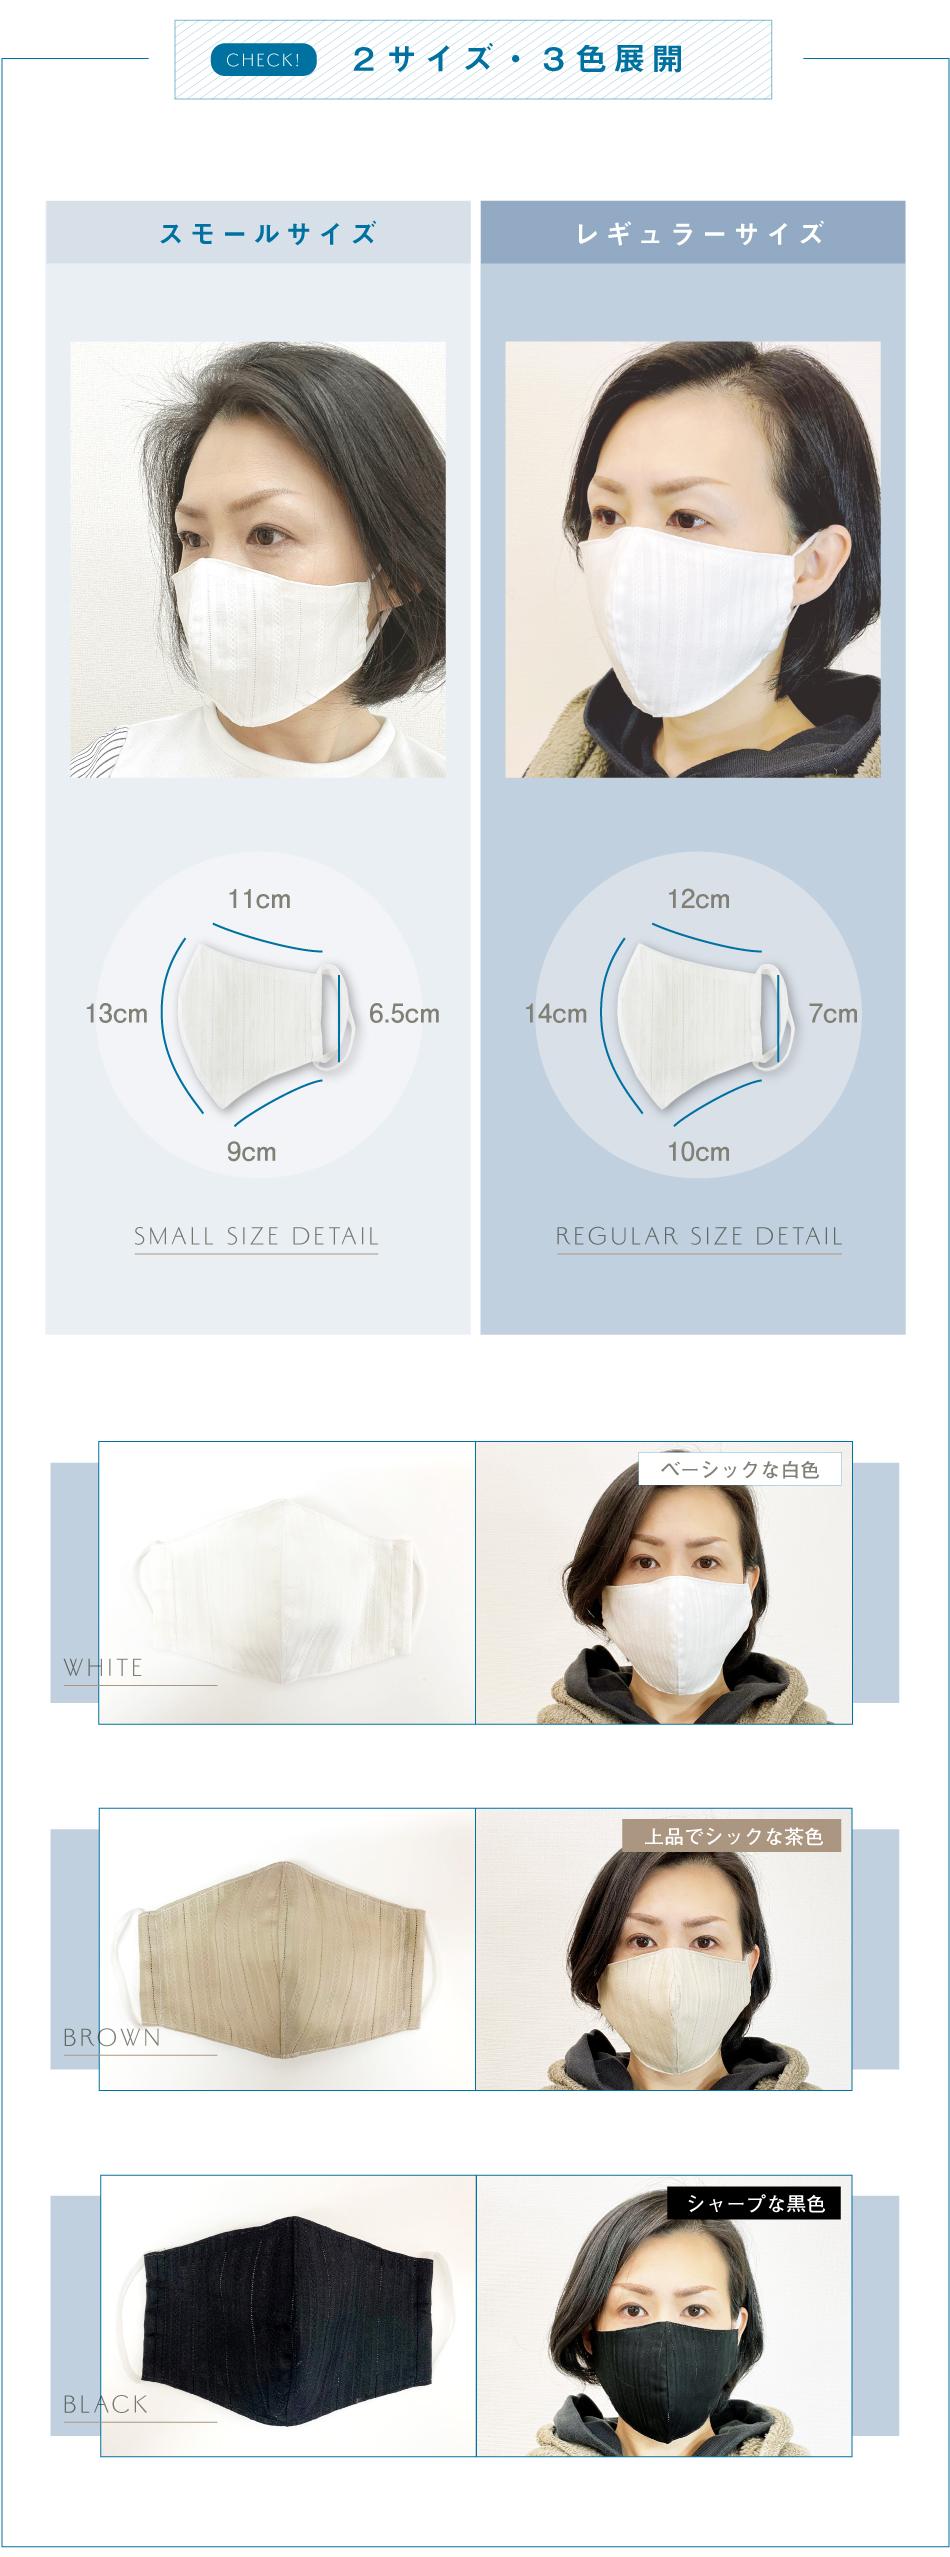 シルクマスク,インナーマスク,シルクインナーマスク,色について,サイズについて